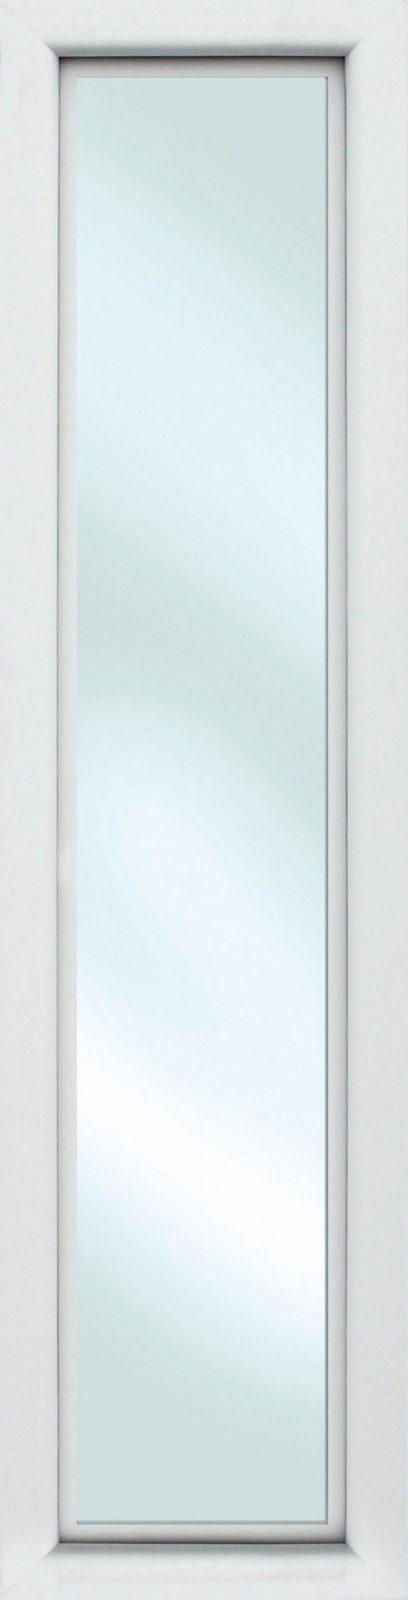 Seitenteil Für Aluhaustüren S01 Beim Baur Versand Per Rechnung von Km Meeth Zaun Gmbh Haustüren Bild